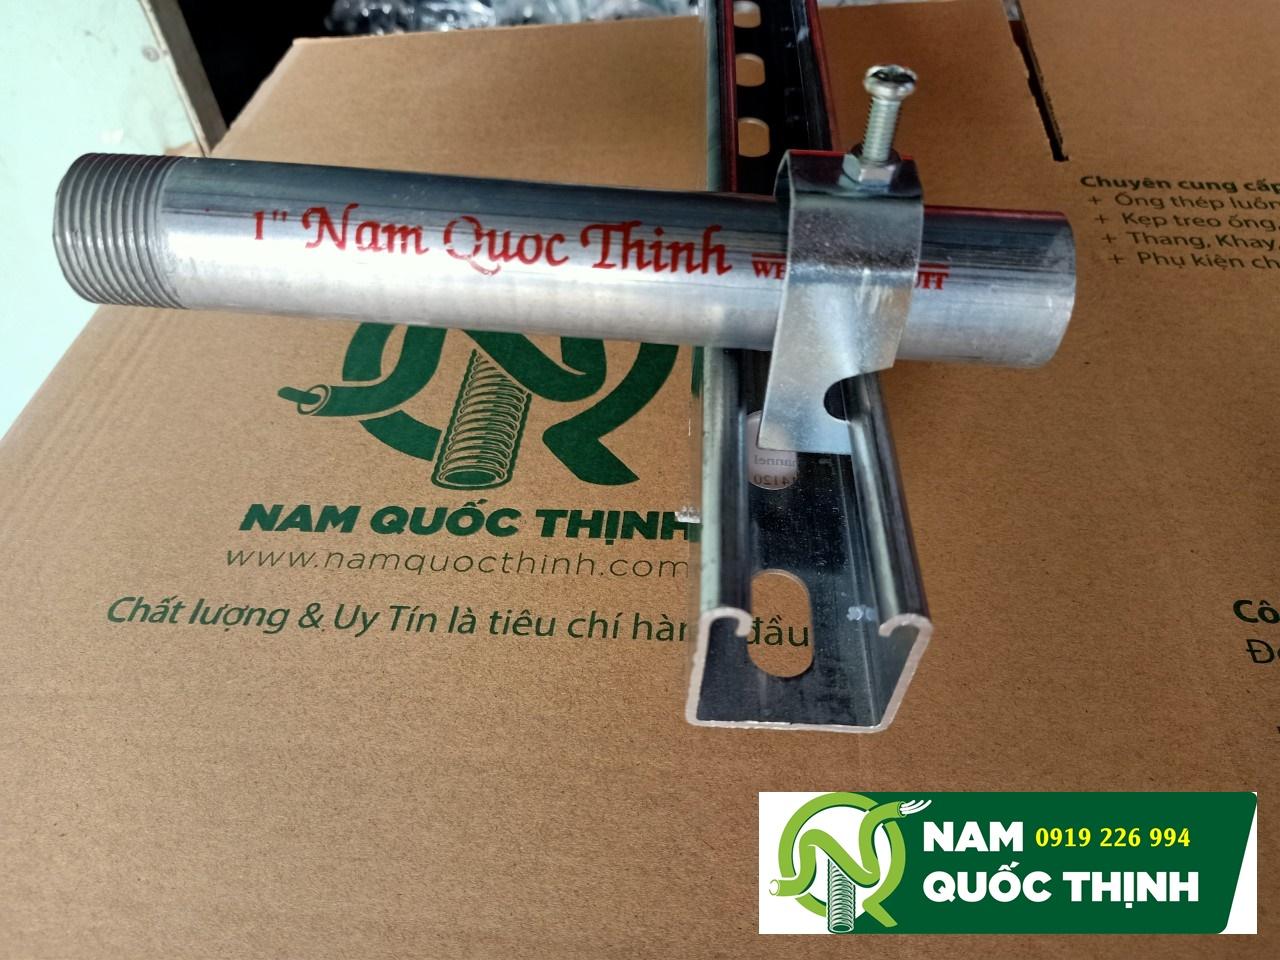 Kẹp treo thanh Unistrut và ống thép luồn dây điện D60